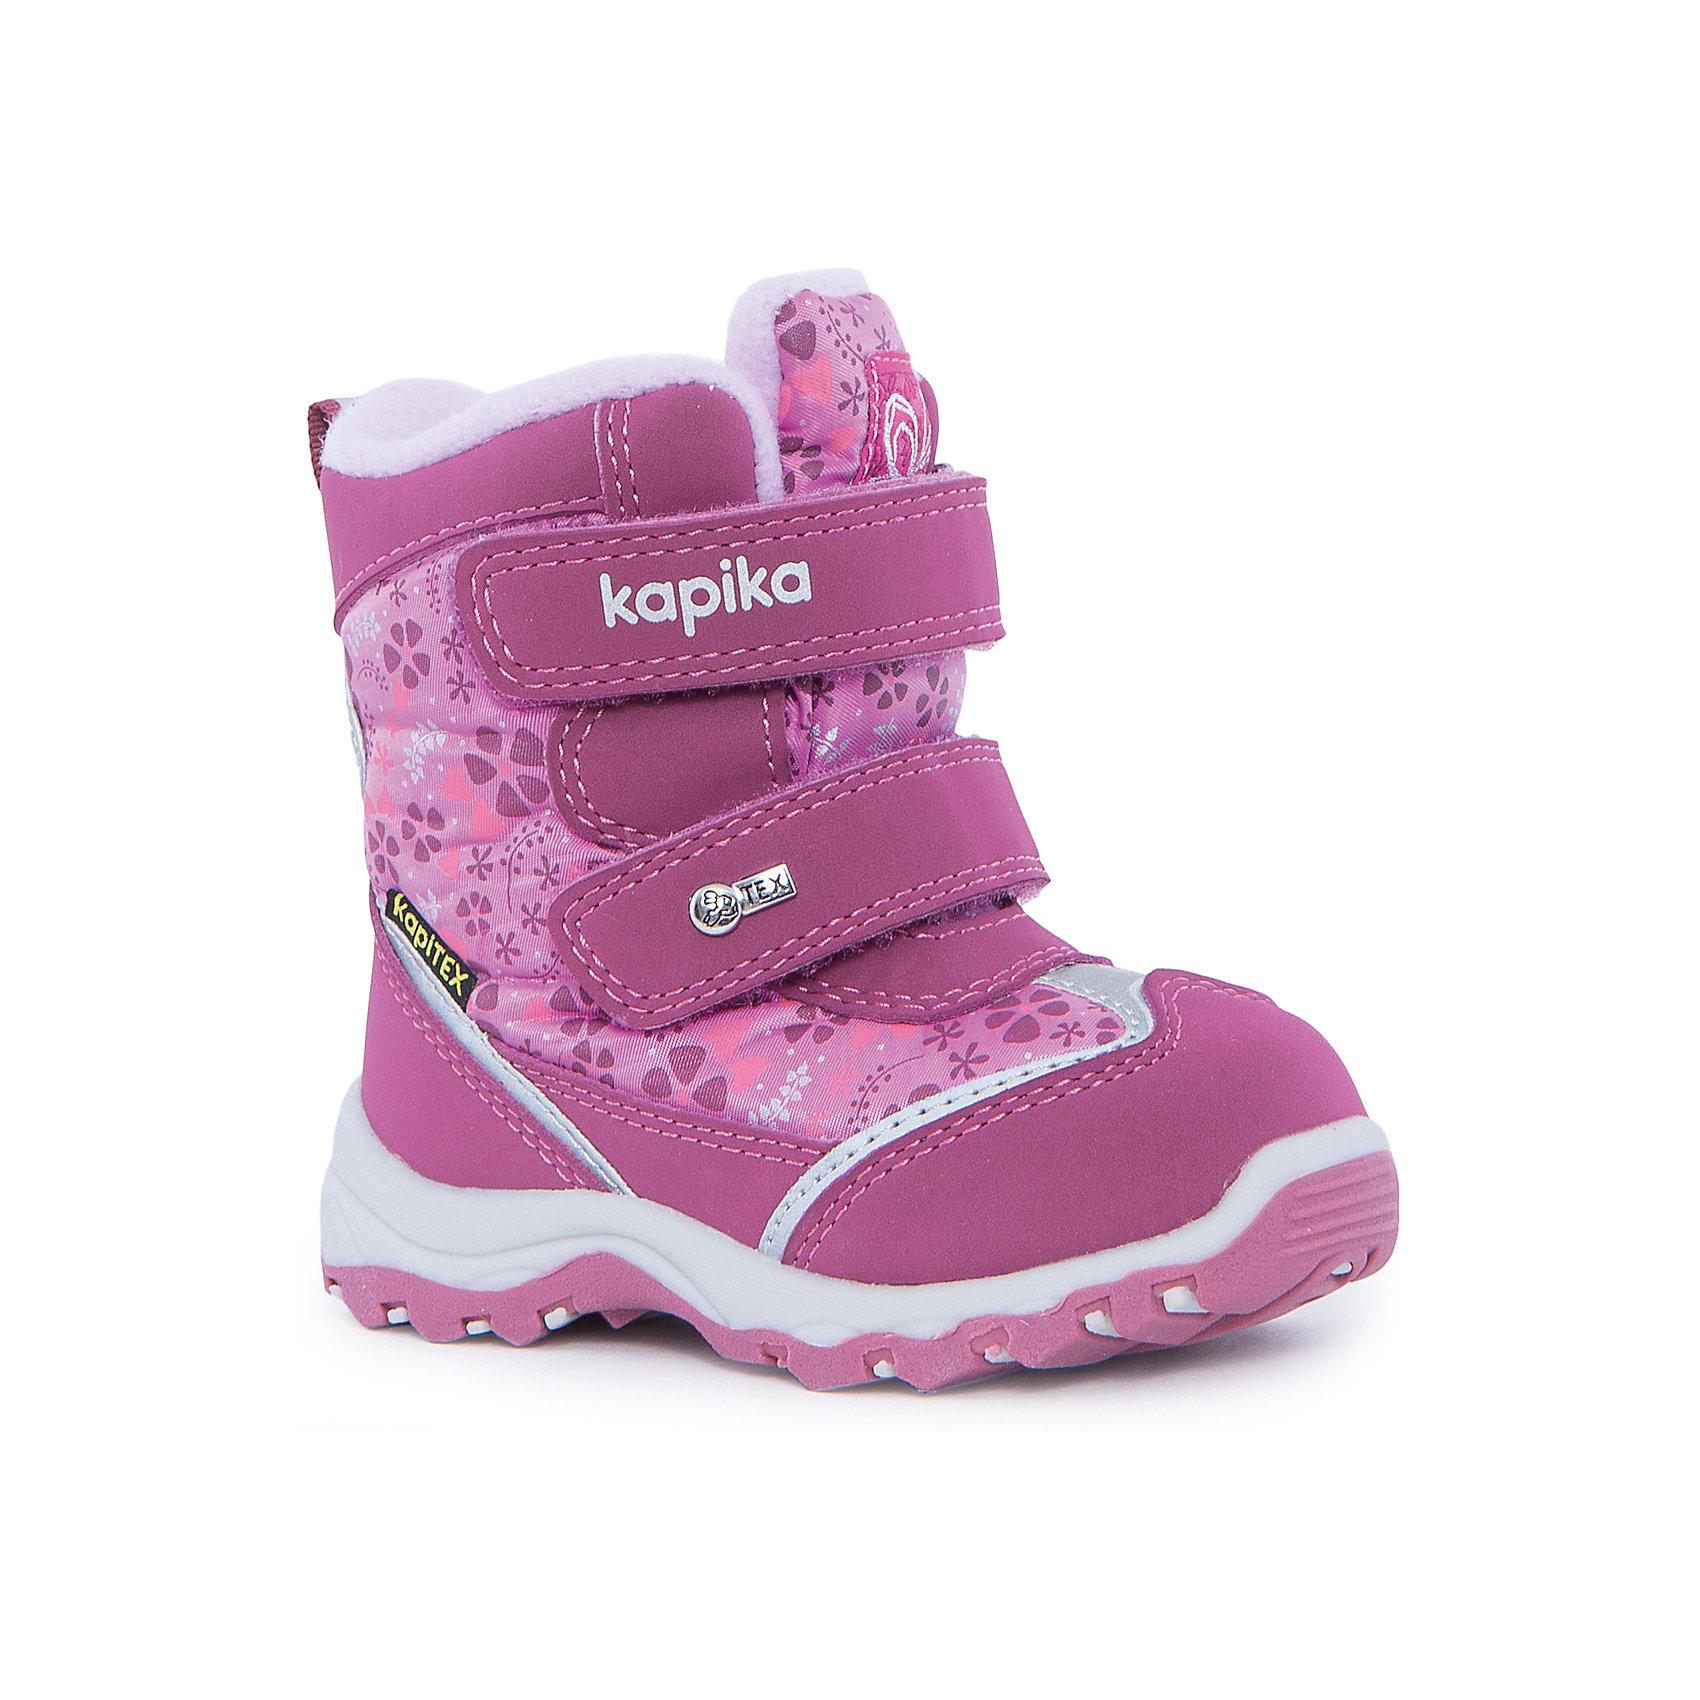 Ботинки для девочки KAPIKAОбувь для малышей<br>Ботинки для девочки KAPIKA.<br><br>Температурный режим: до -20 градусов. Степень утепления – средняя.<br><br>* Температурный режим указан приблизительно — необходимо, прежде всего, ориентироваться на ощущения ребенка. <br><br>Ботинки не только красивые снаружи, но и тёплые внутри. С ними прогулки вашей малышки станут еще интереснее и удобнее. <br><br>Характеристика:<br>-Цвет: розовый<br>-Материал: снаружи- текстиль + искусственная кожа,                       подкладка:текстиль(шерсть 80%)<br>-Застёжка: две липучки<br>-Бренд: KAPIKA(КАПИКА)<br><br>Ботинки  для девочки KAPIKA  вы можете приобрести в нашем интернет- магазине.<br><br>Ширина мм: 262<br>Глубина мм: 176<br>Высота мм: 97<br>Вес г: 427<br>Цвет: розовый<br>Возраст от месяцев: 24<br>Возраст до месяцев: 24<br>Пол: Женский<br>Возраст: Детский<br>Размер: 25,26,22,23,24<br>SKU: 4987779